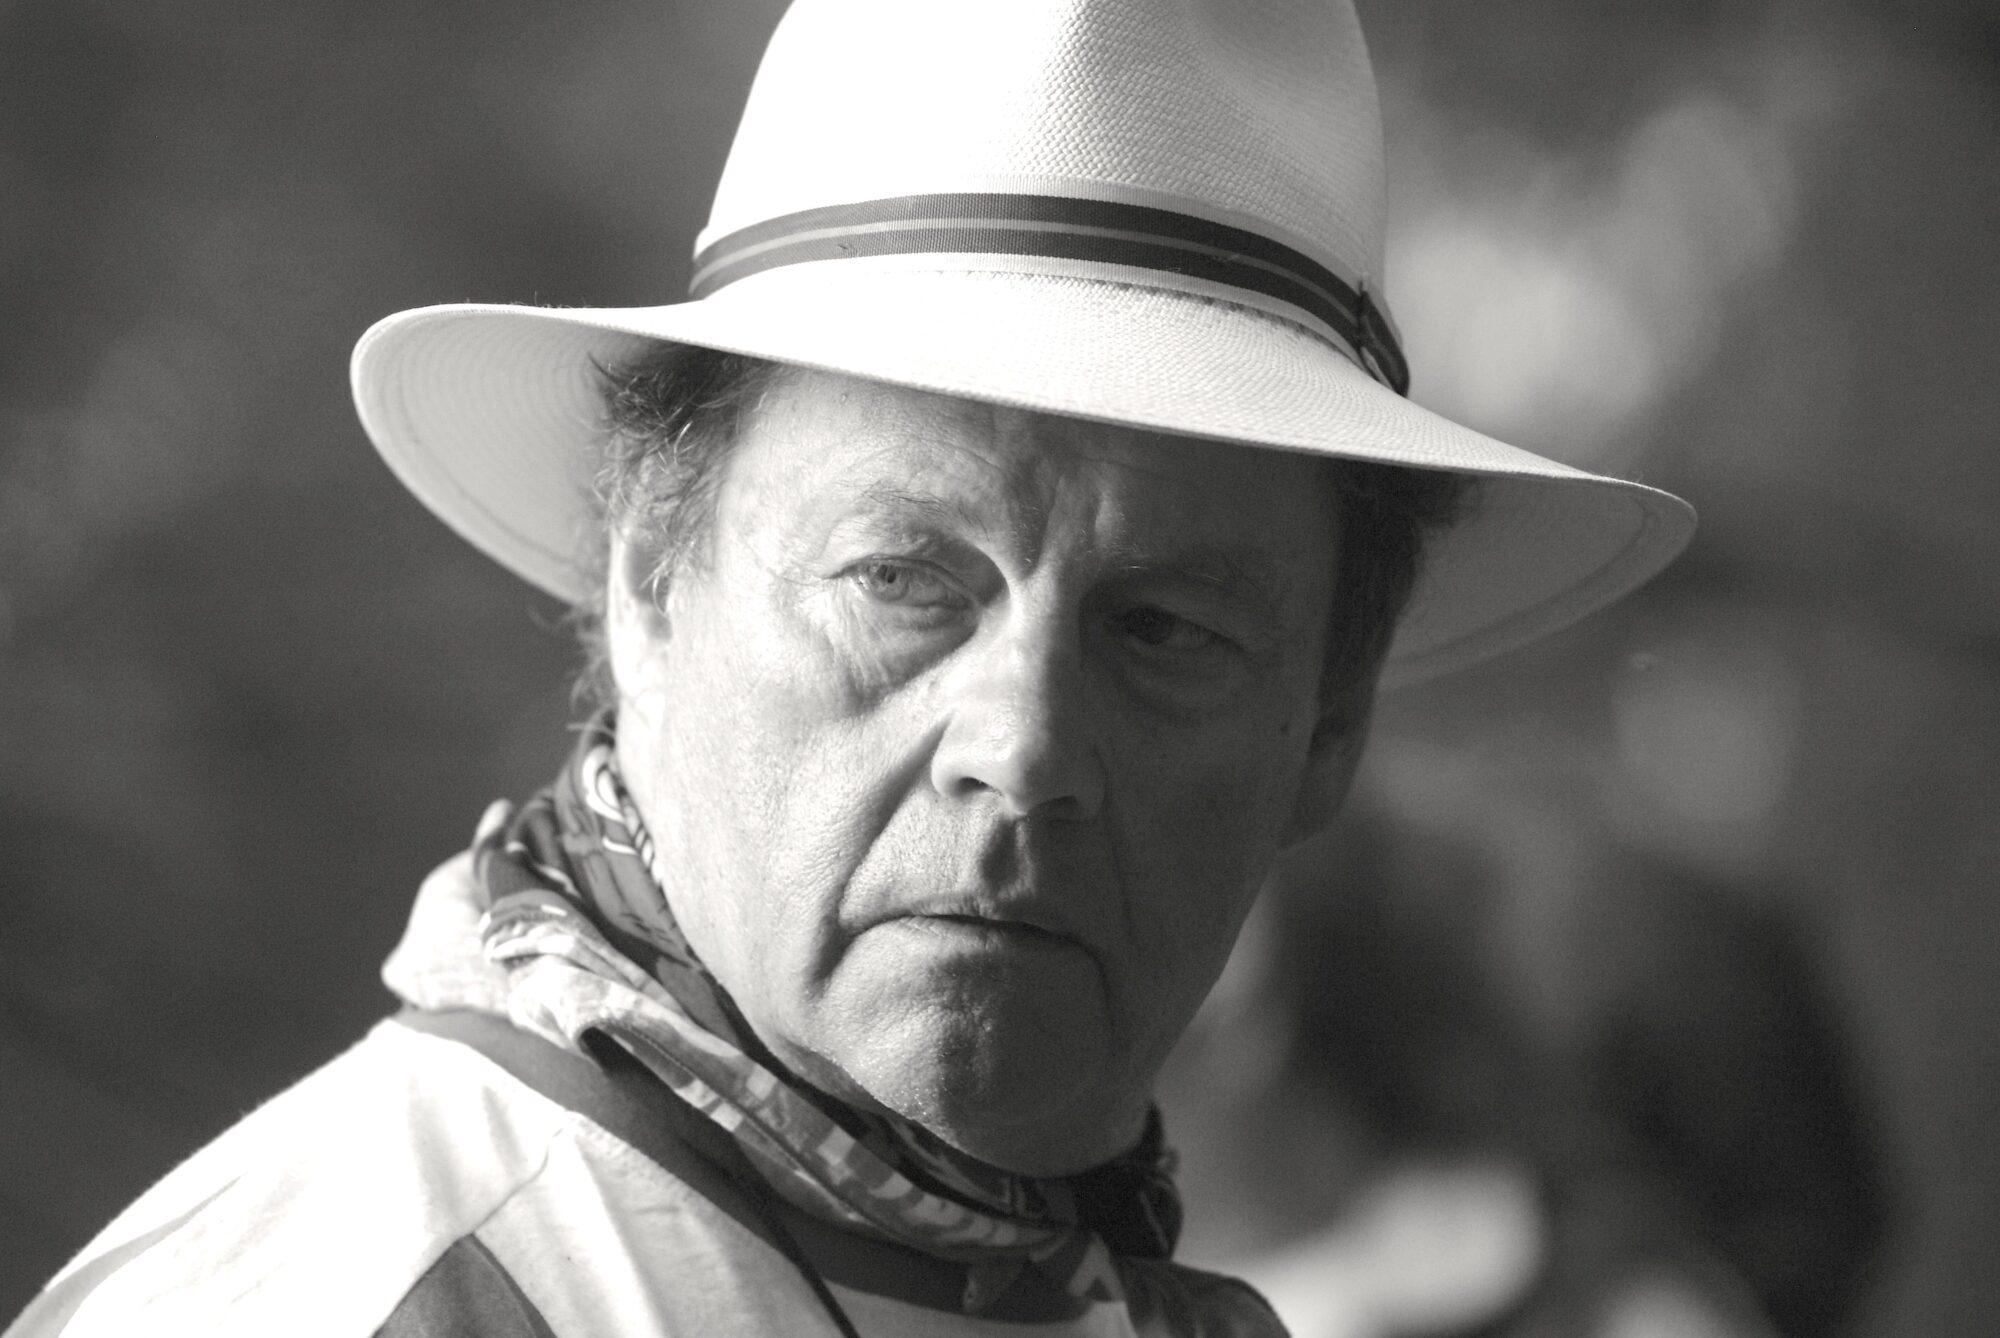 Interview: Bruce Beresford on Breaker Morant and Mister Johnson